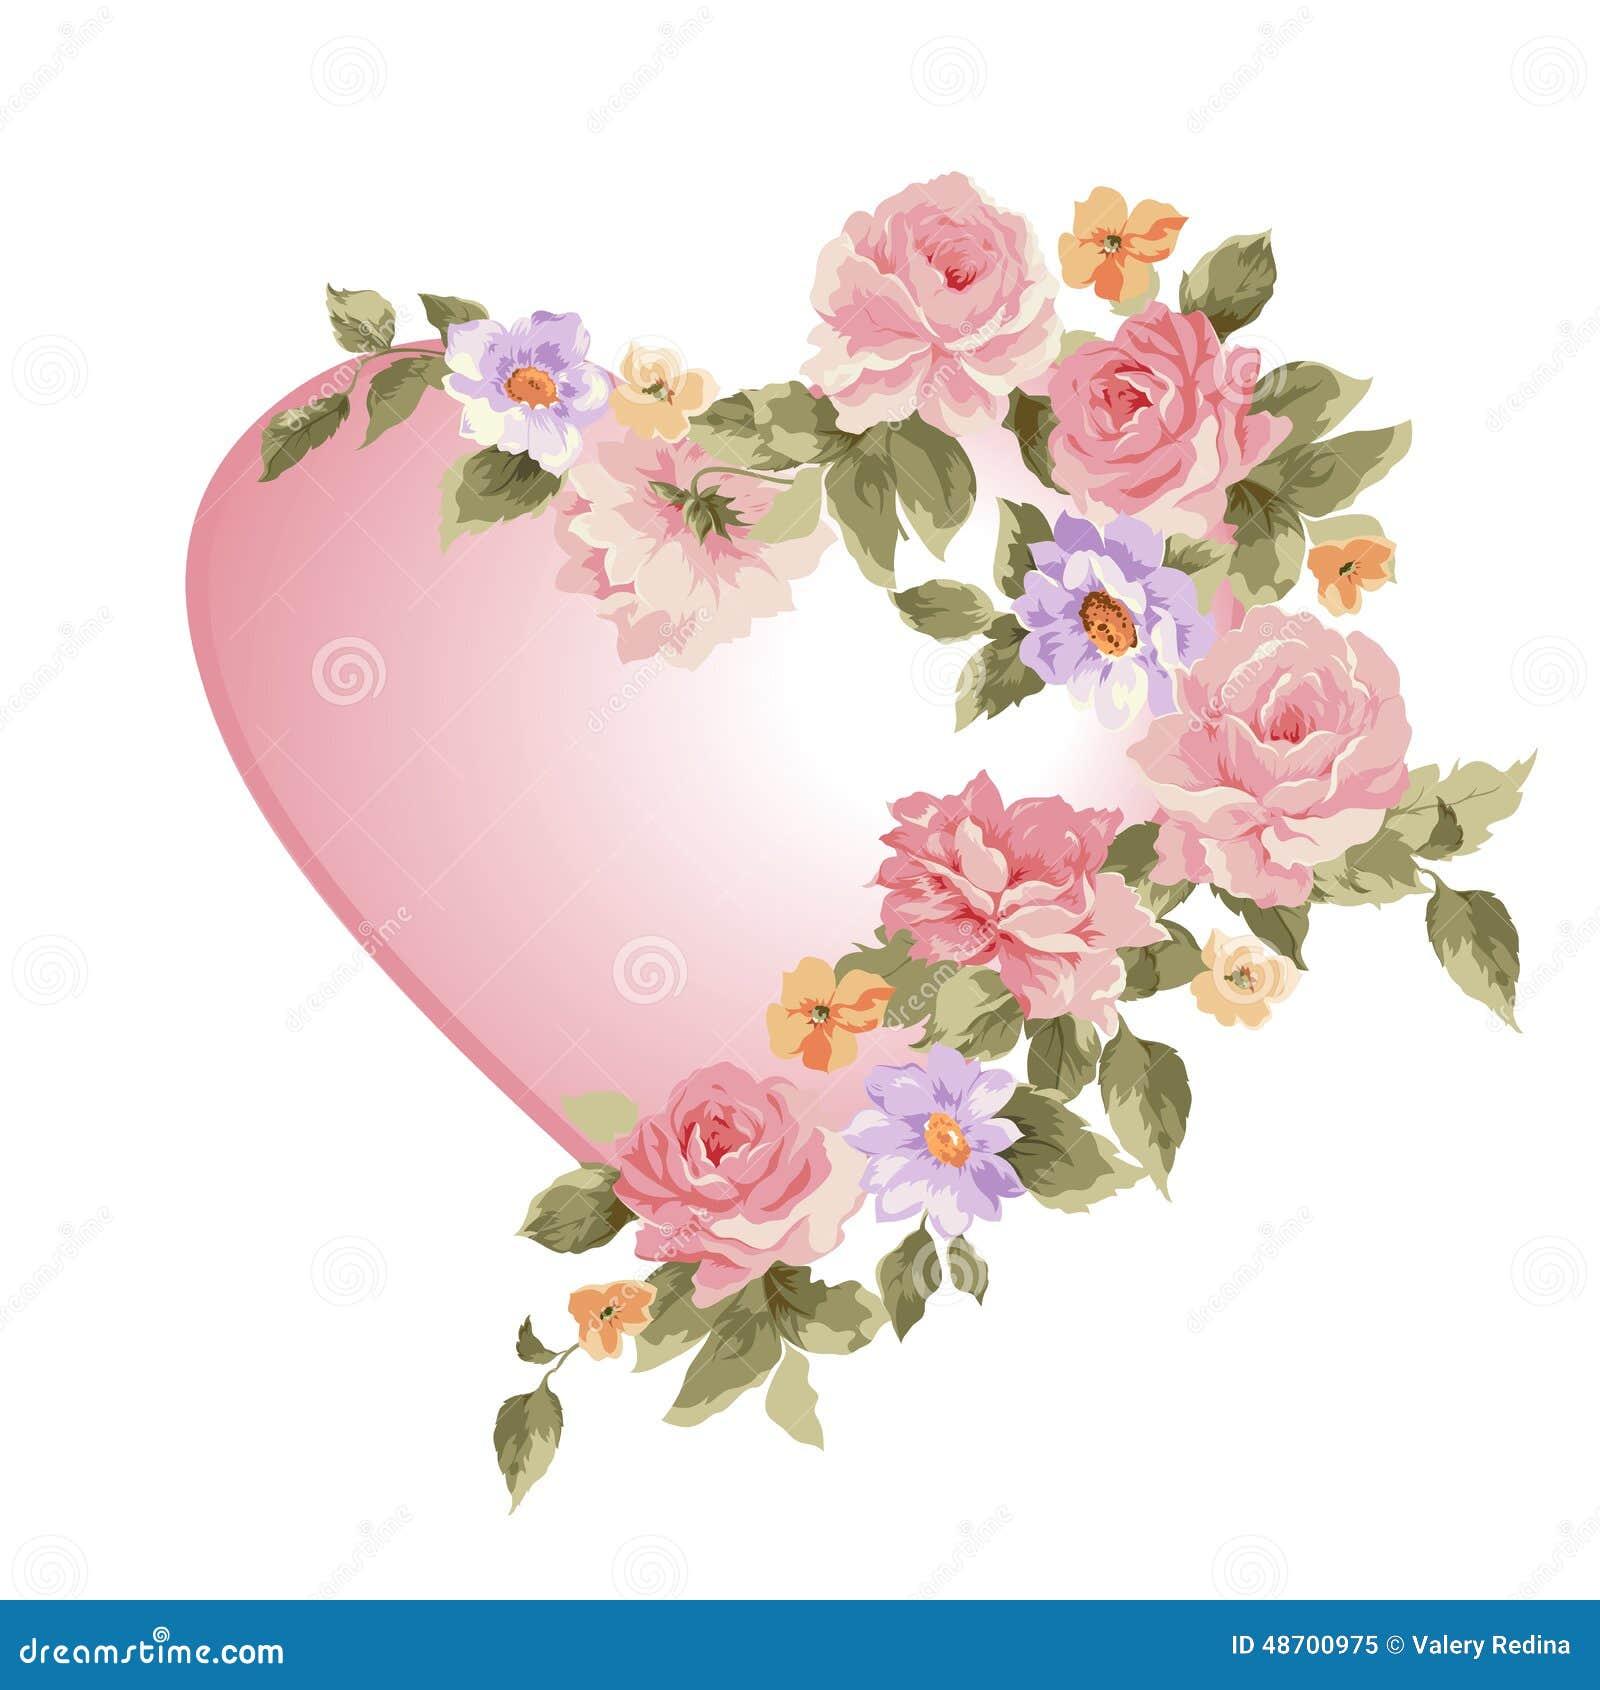 heart in flower - photo #5